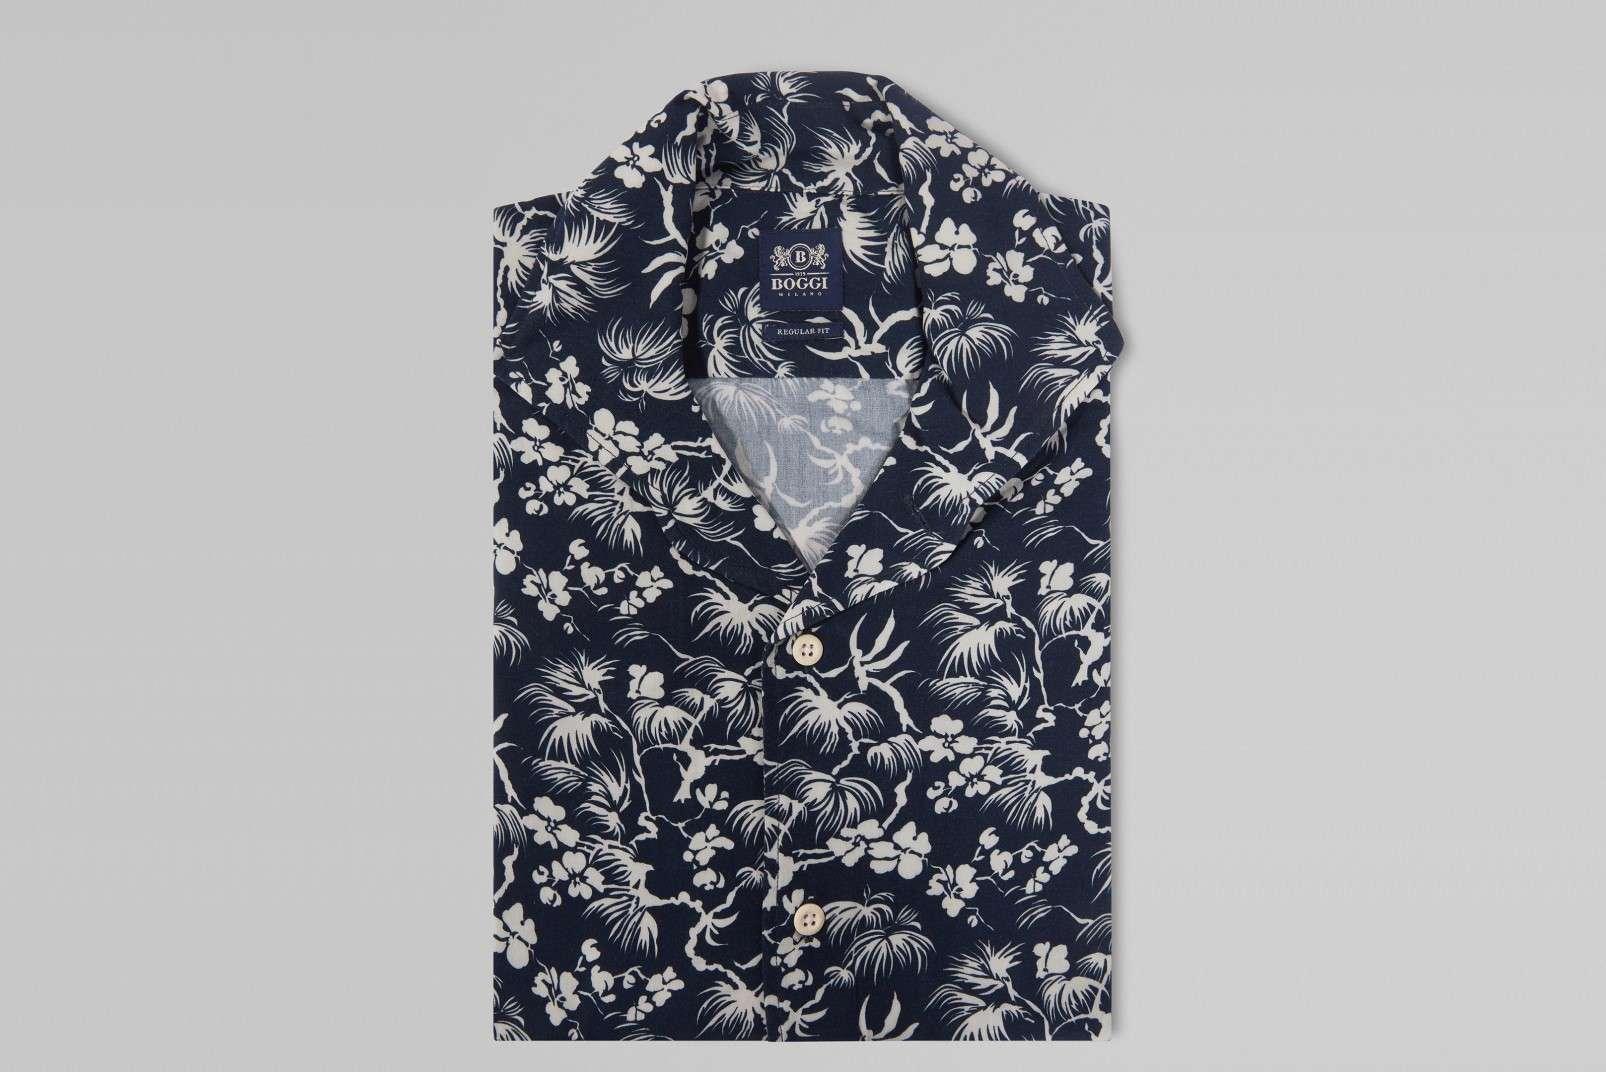 Boggi Milano floral print shirt